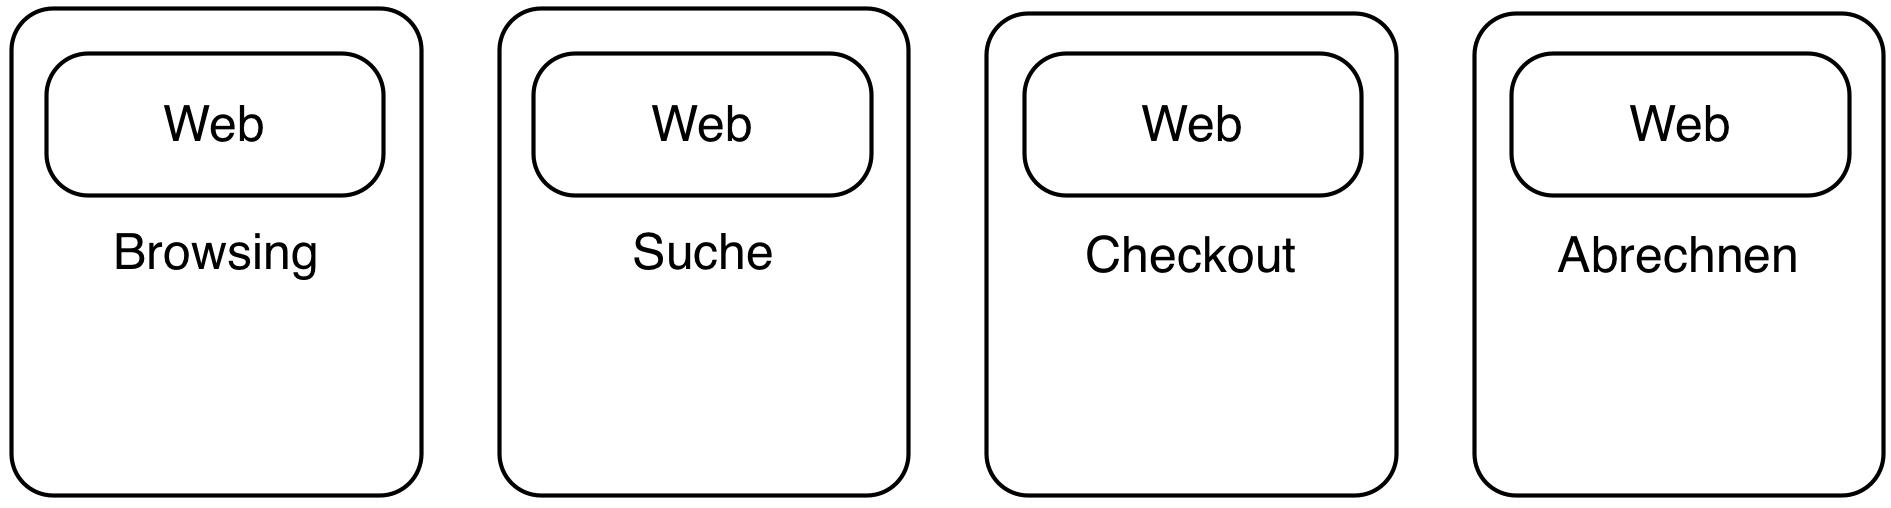 Abb. 4: SCS können Teile eines Geschäftsprozesses abbilden und enthalten eine Web-Oberfläche. Sie kommunizieren möglichst wenig und bevorzugt asynchron.